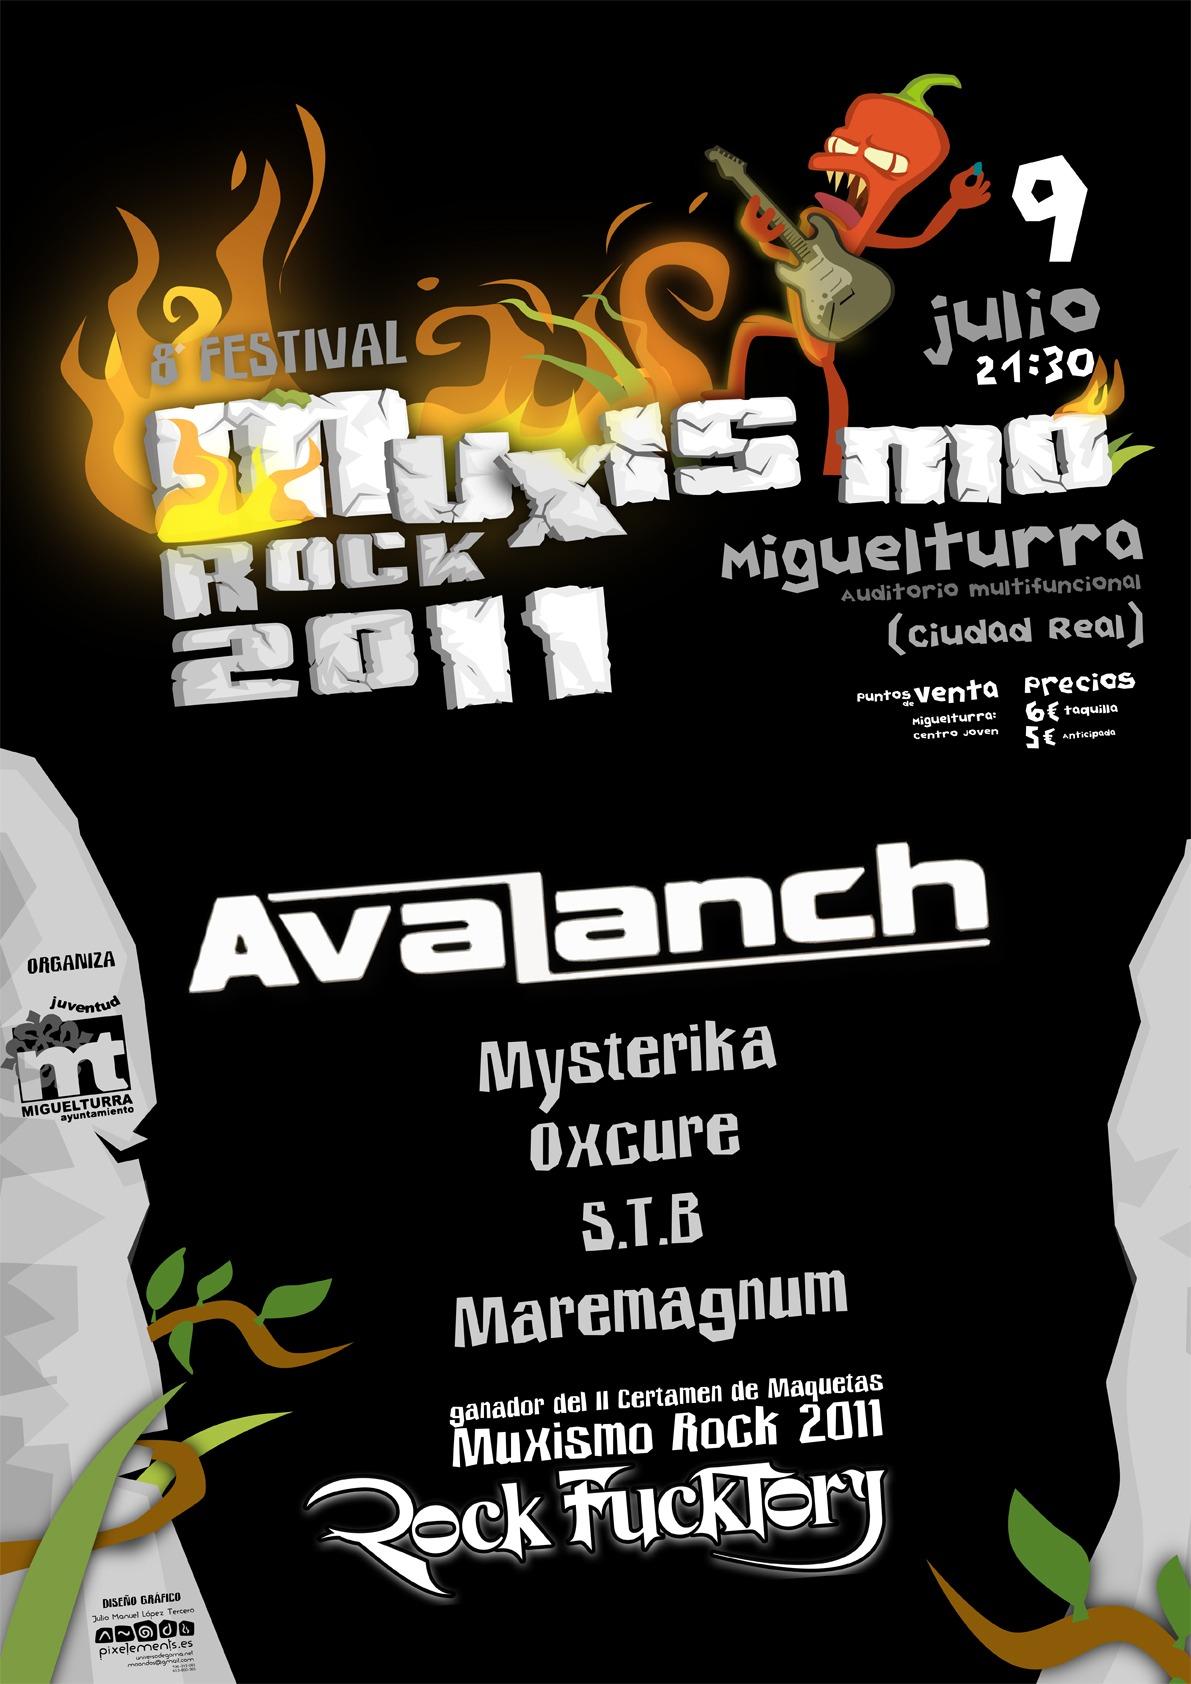 ROCK FUCKTORY ganan el Muxismo rock 2011